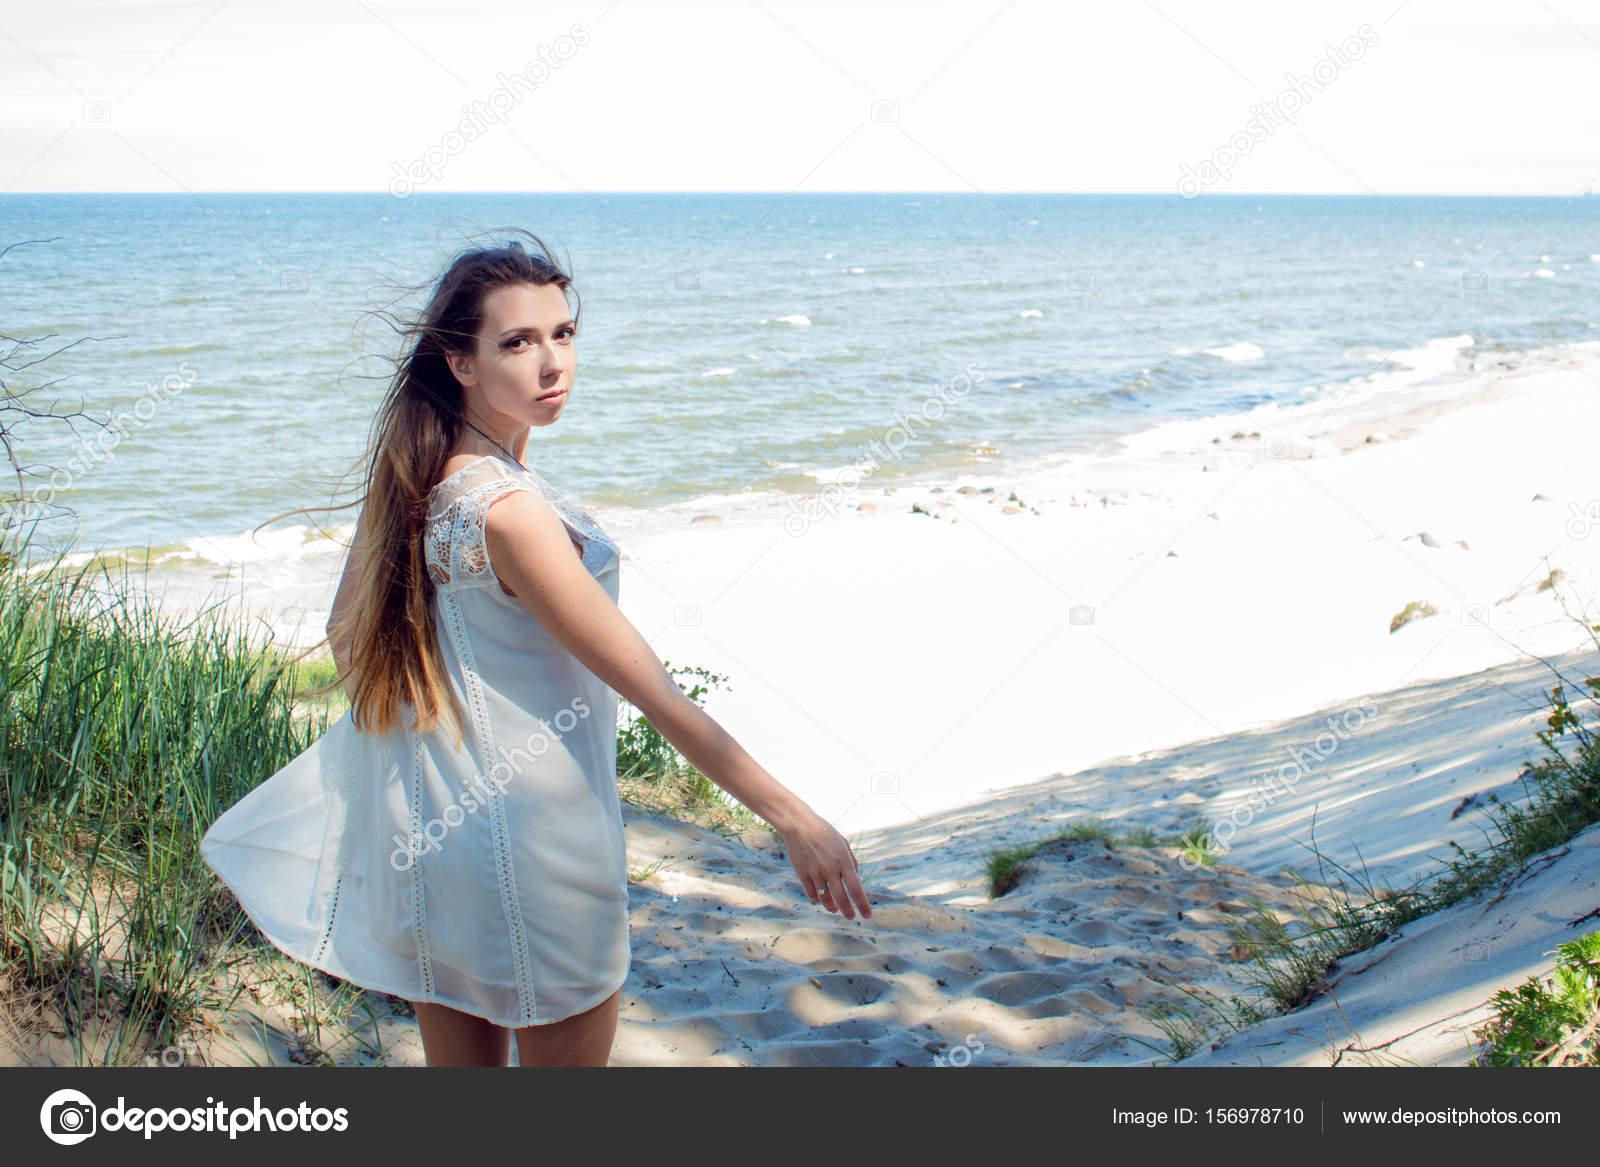 31d4cf8e2d57 Mladá půvabná brunetka žena na pobřeží moře. Krásná dívka v krátké bílé  letní šaty —